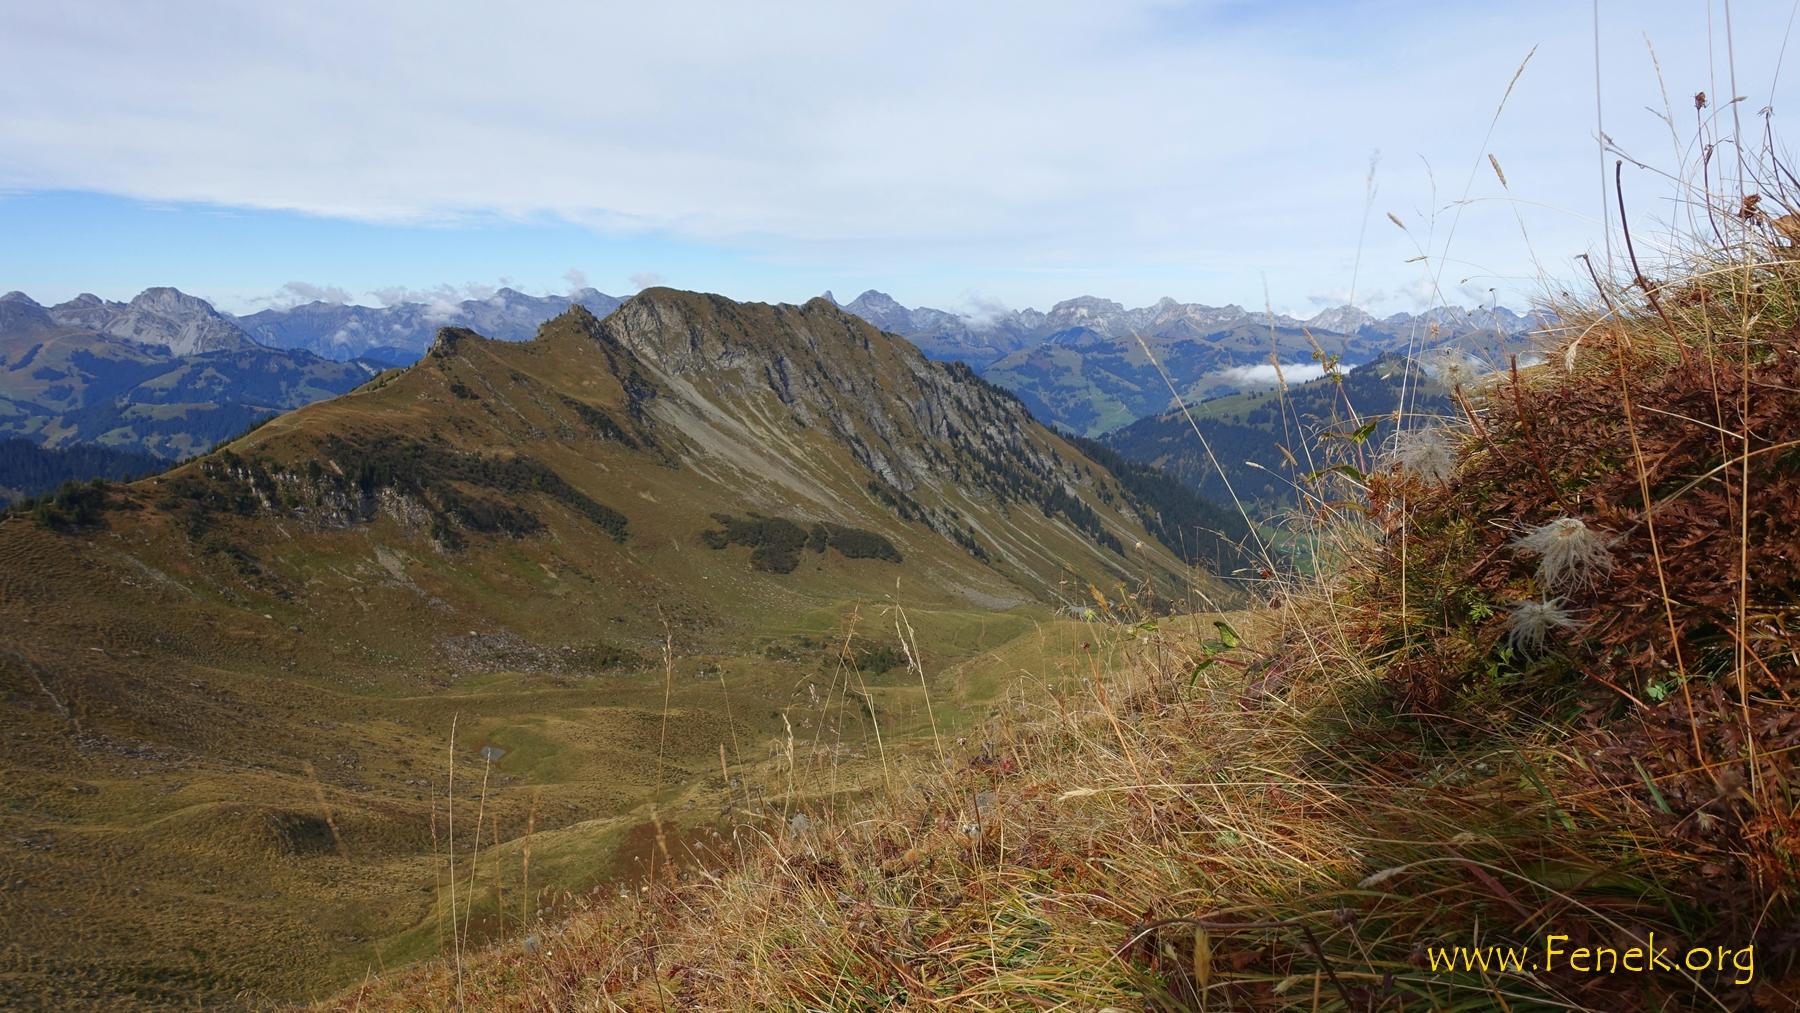 Gipfelaussicht zum Wasseregrat